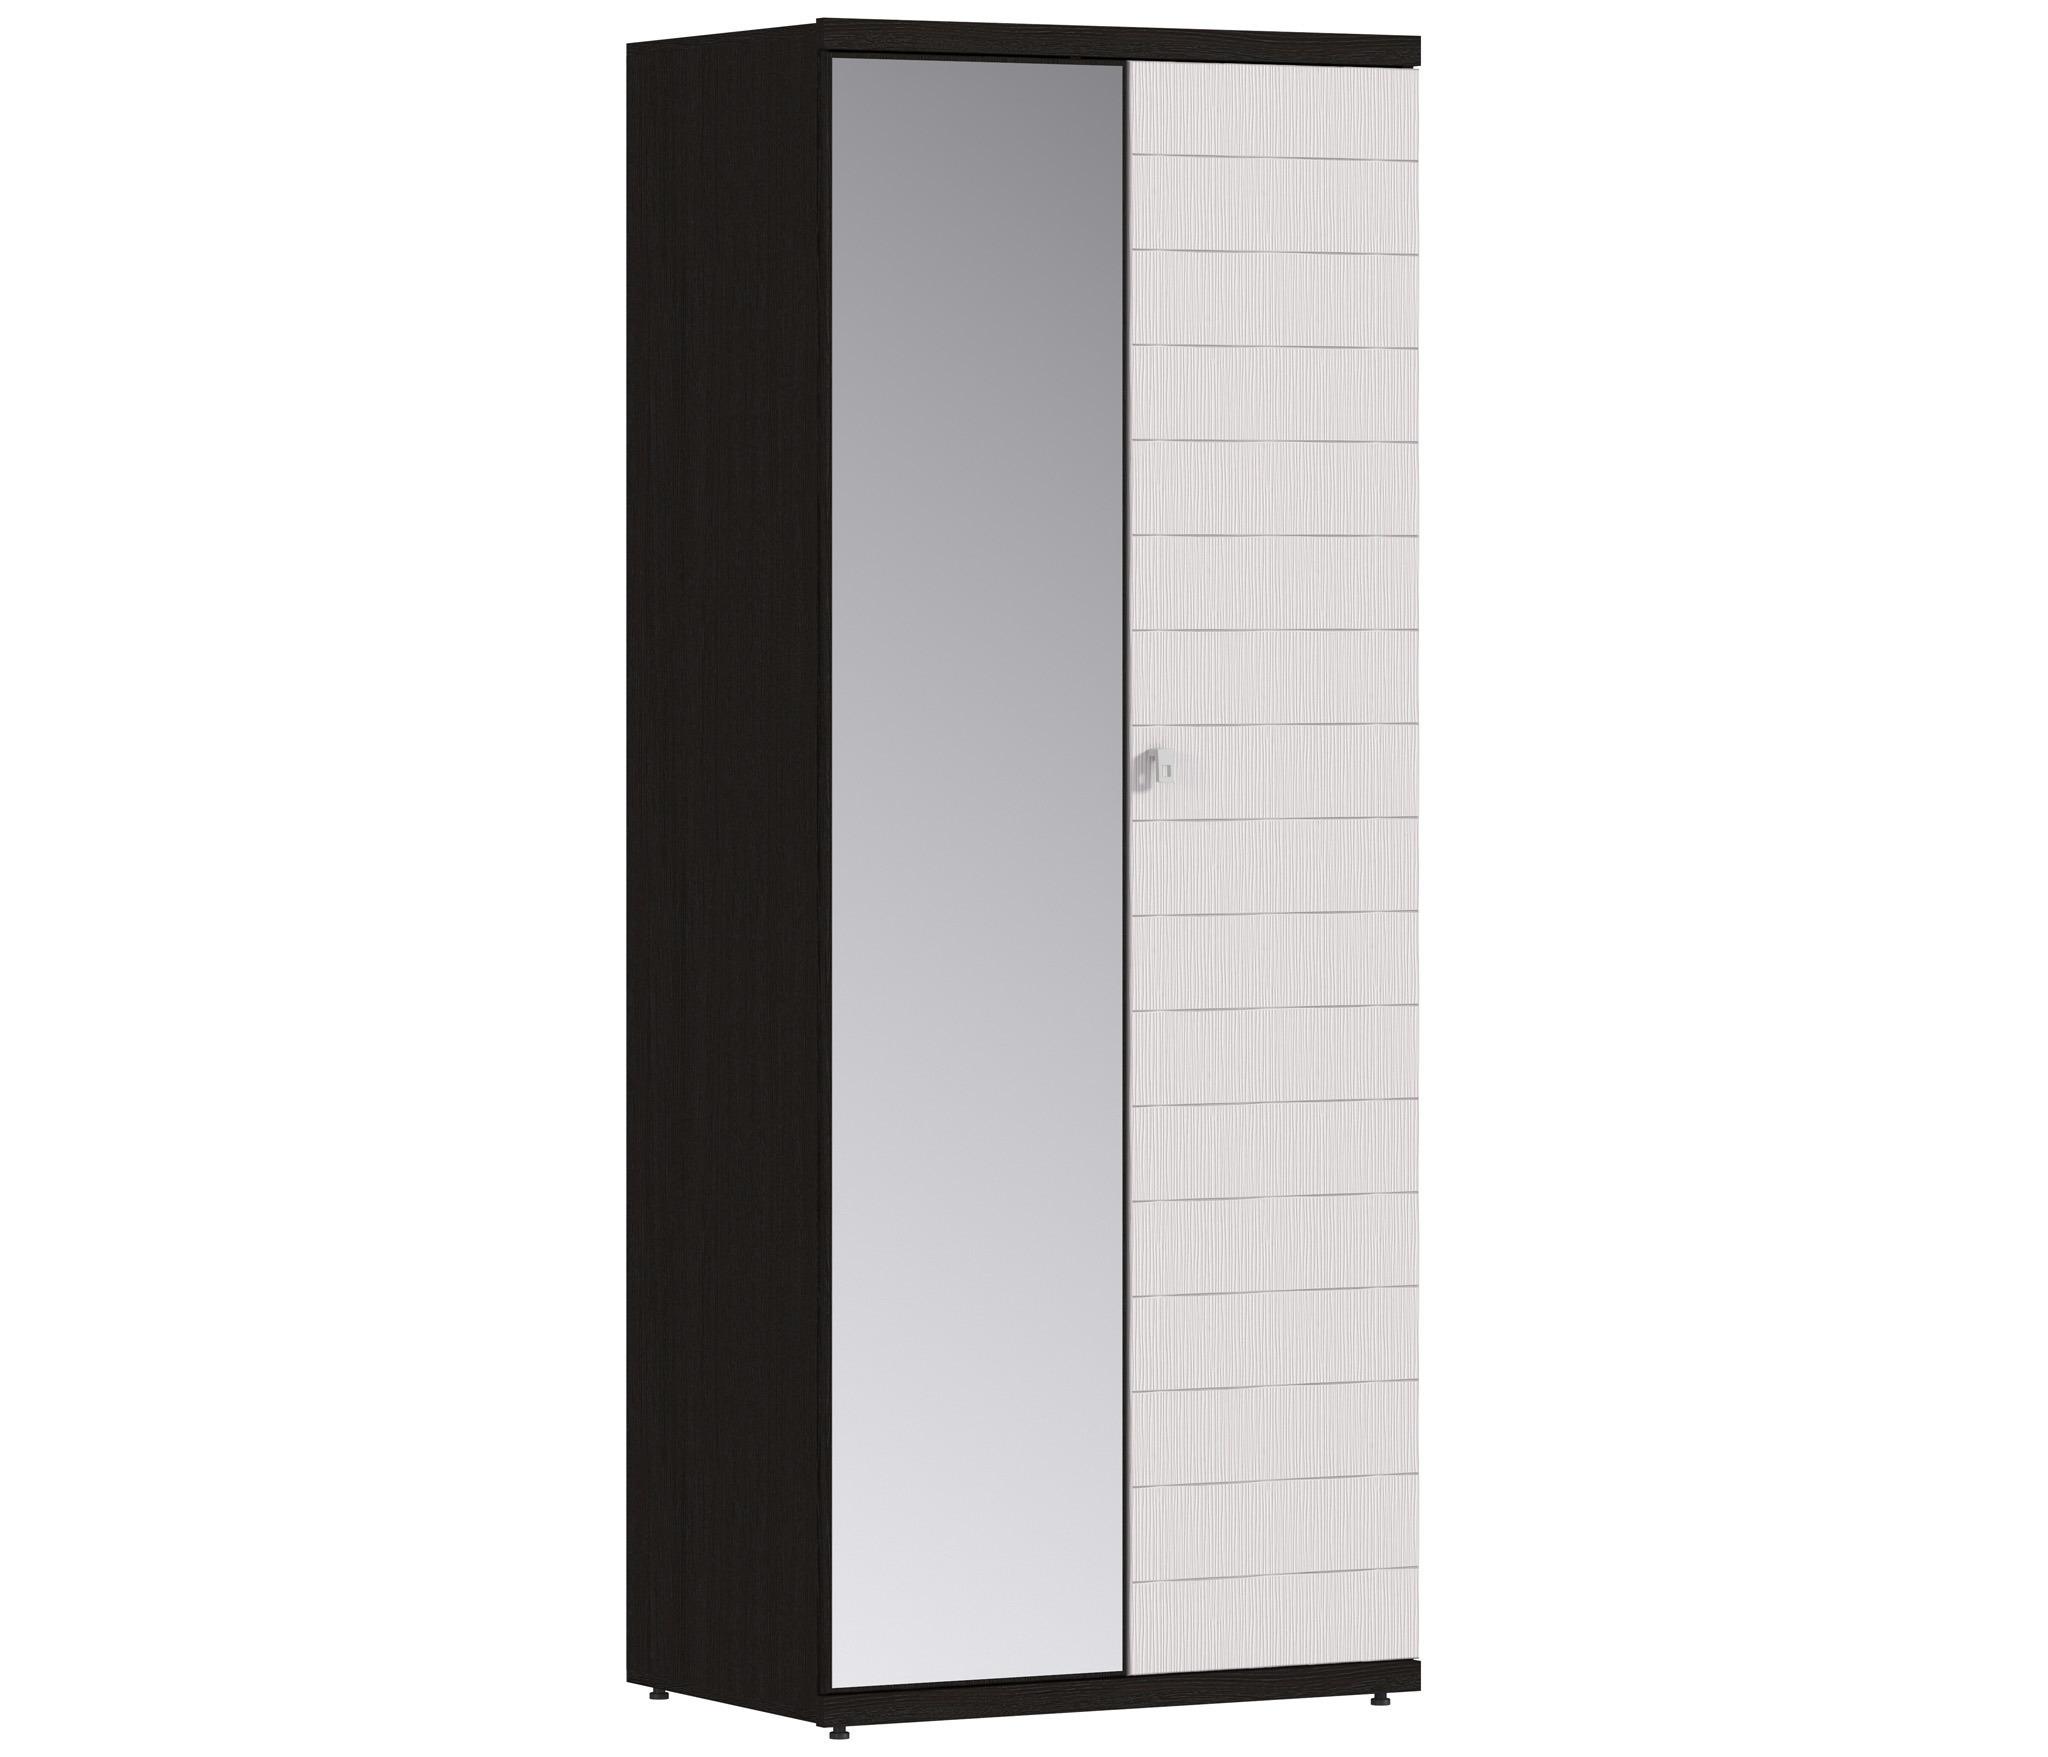 Гретта СБ-636 Шкаф 2-х дверный с зеркаломШкафы<br>Практичный и стильный шкаф с зеркалом.<br><br>Длина мм: 900<br>Высота мм: 2241<br>Глубина мм: 580